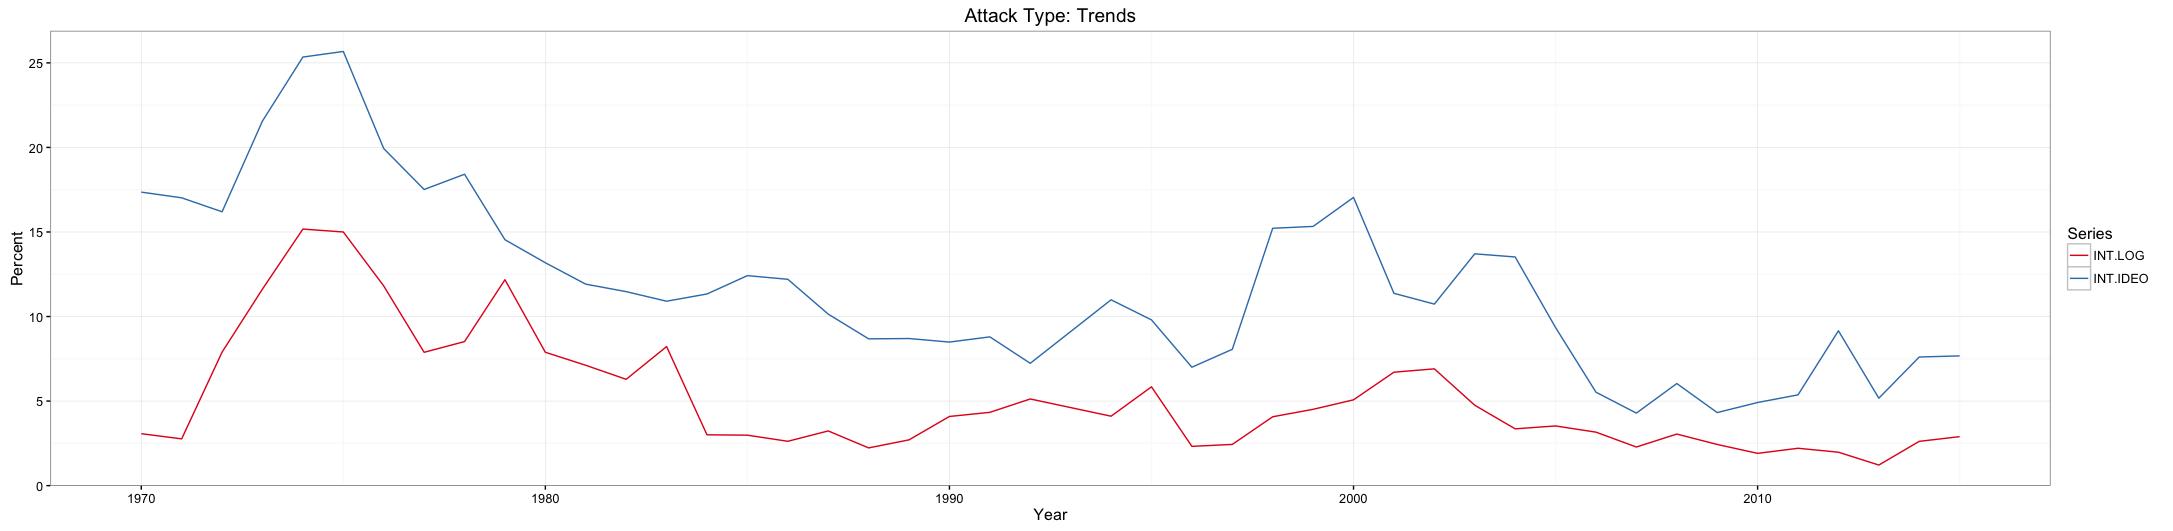 GTD_INT_Trend